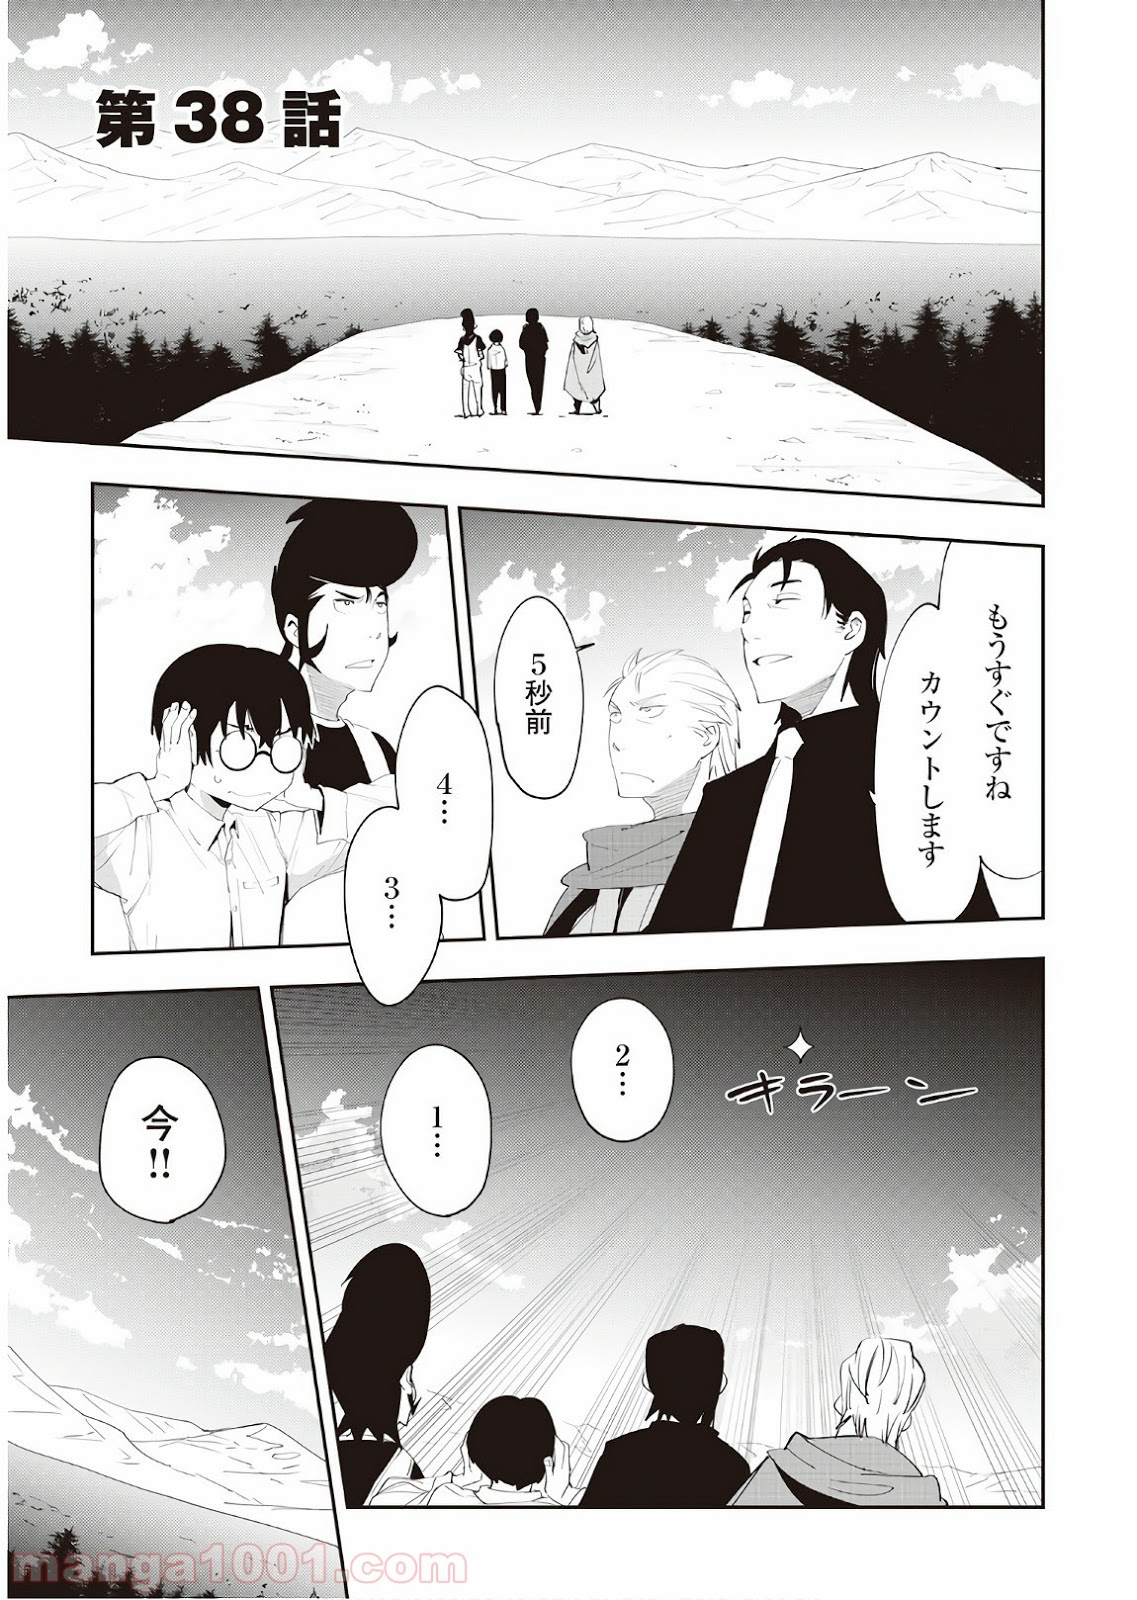 地方騎士ハンスの受難 - Raw 【第38話】 - Manga1001.com